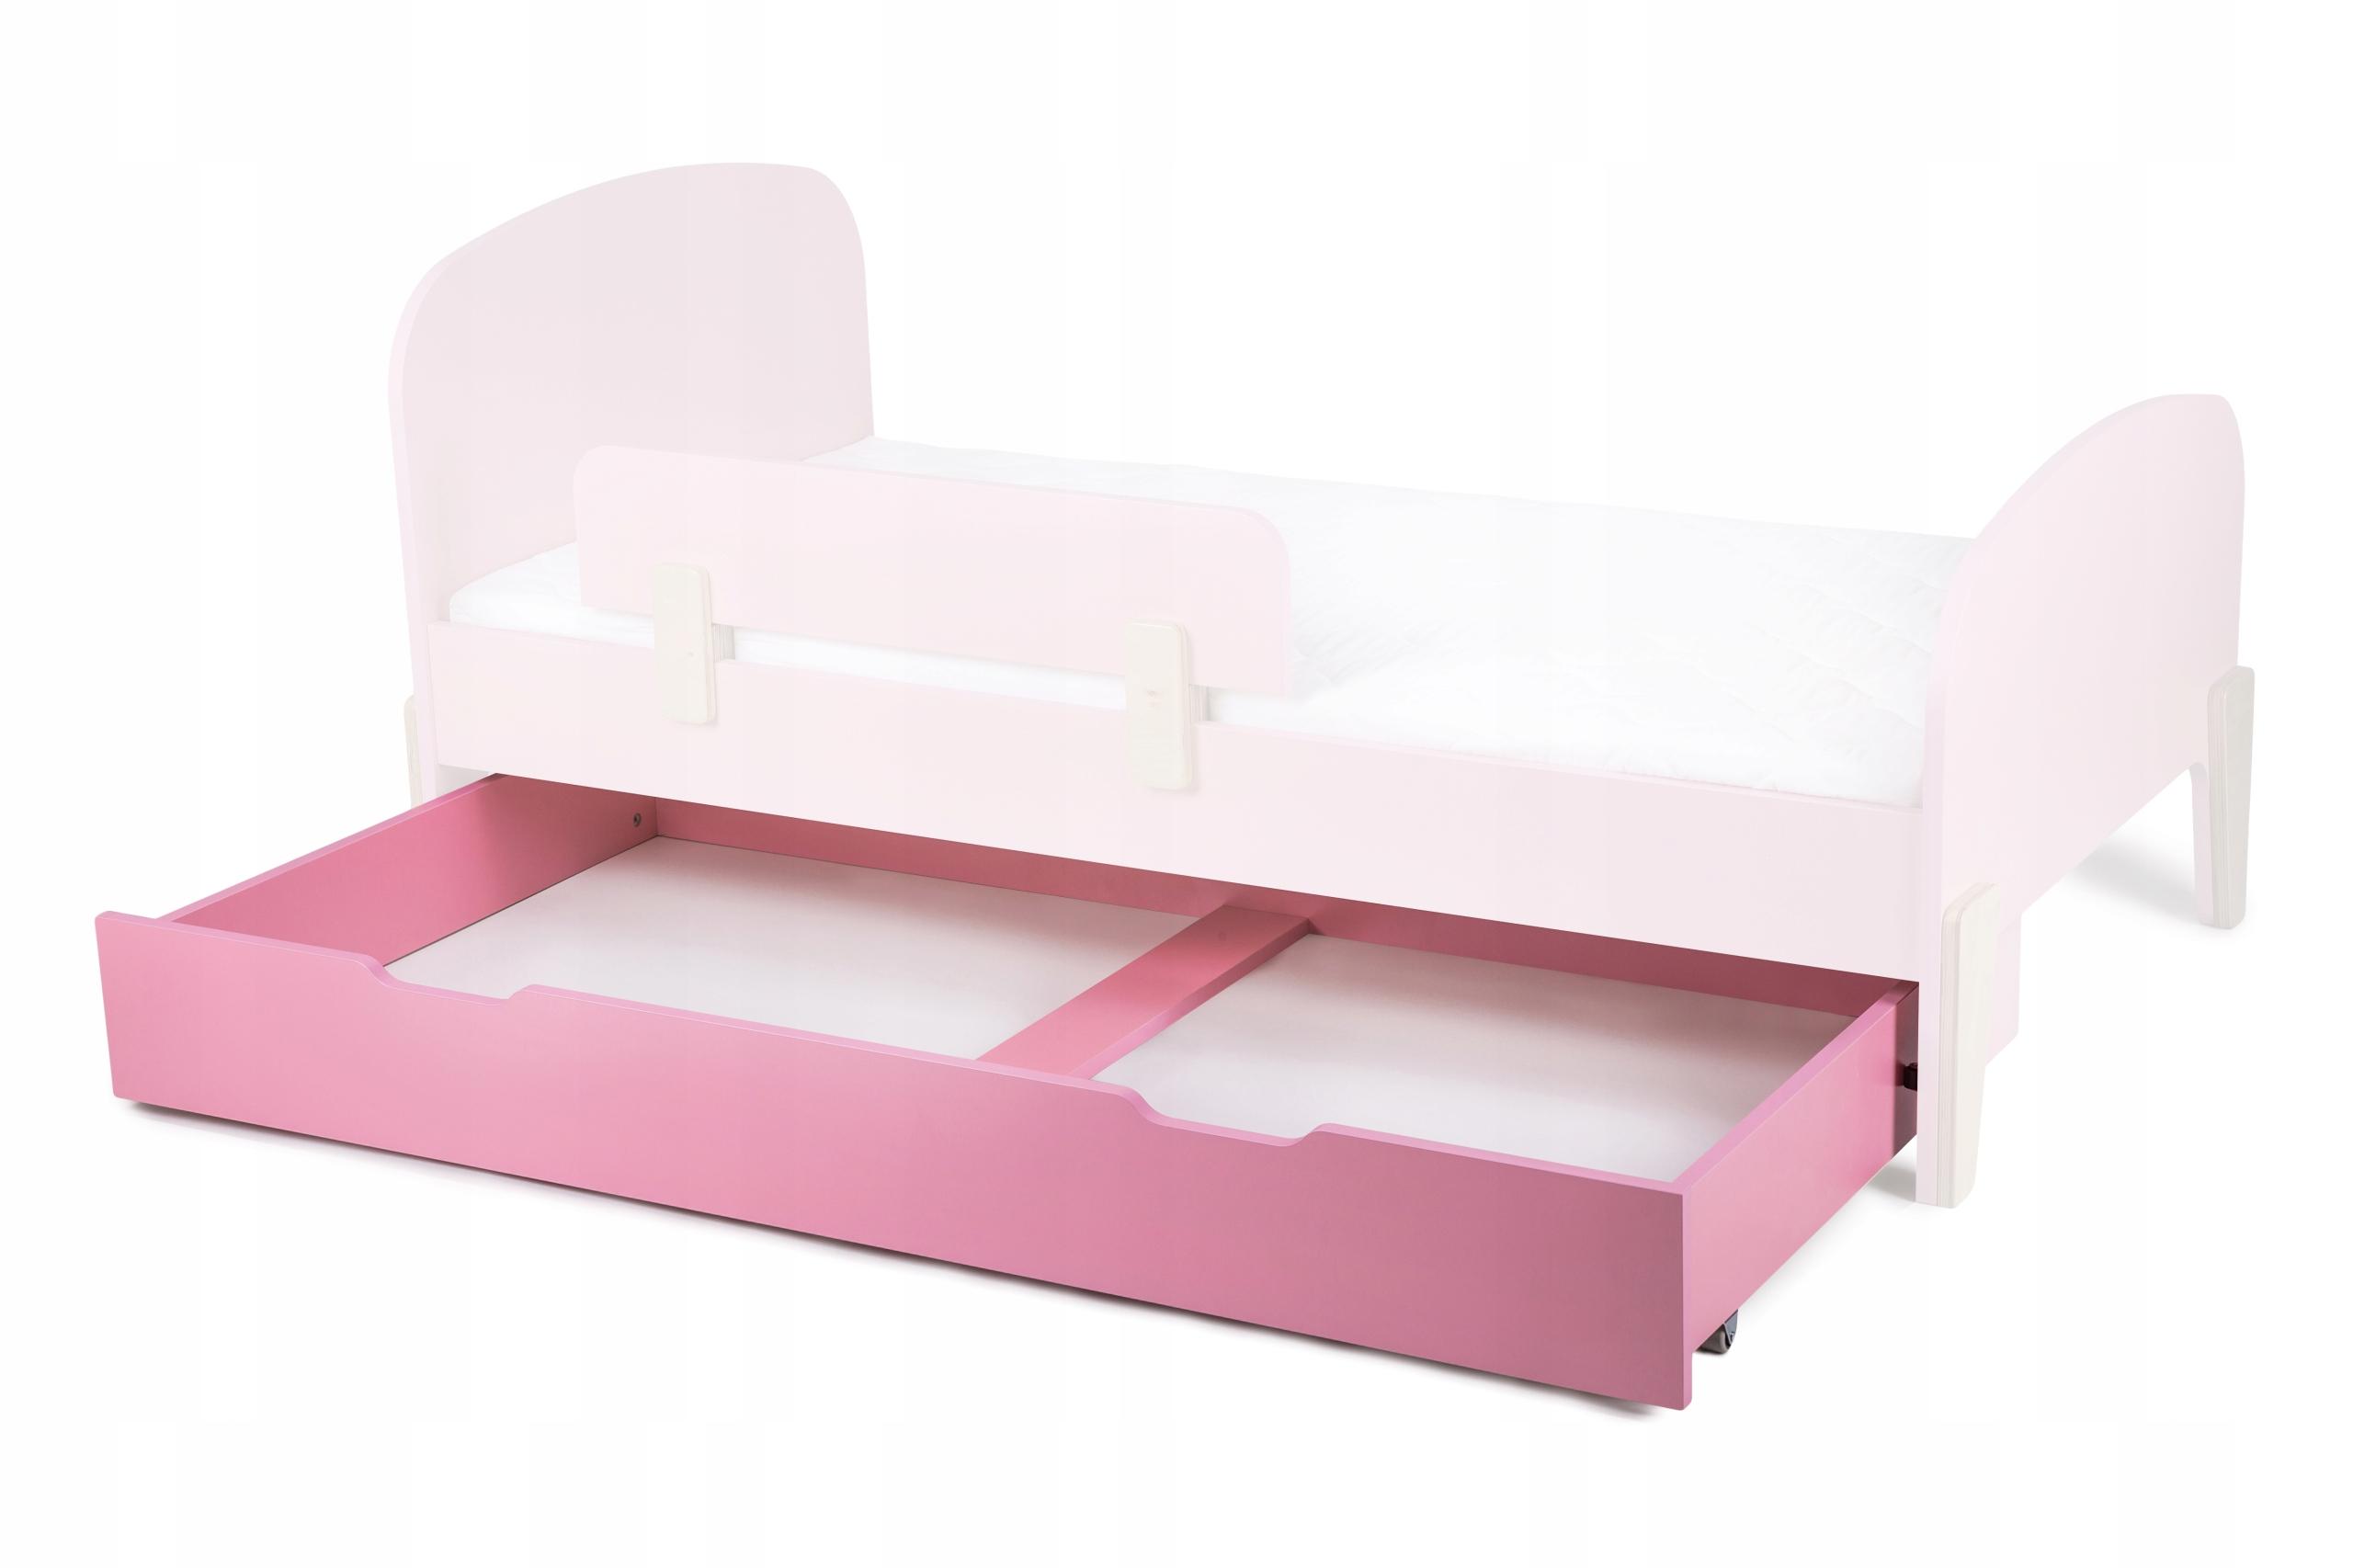 Zásuvka na kolieskach do postele RETRO, ružová, 80x160